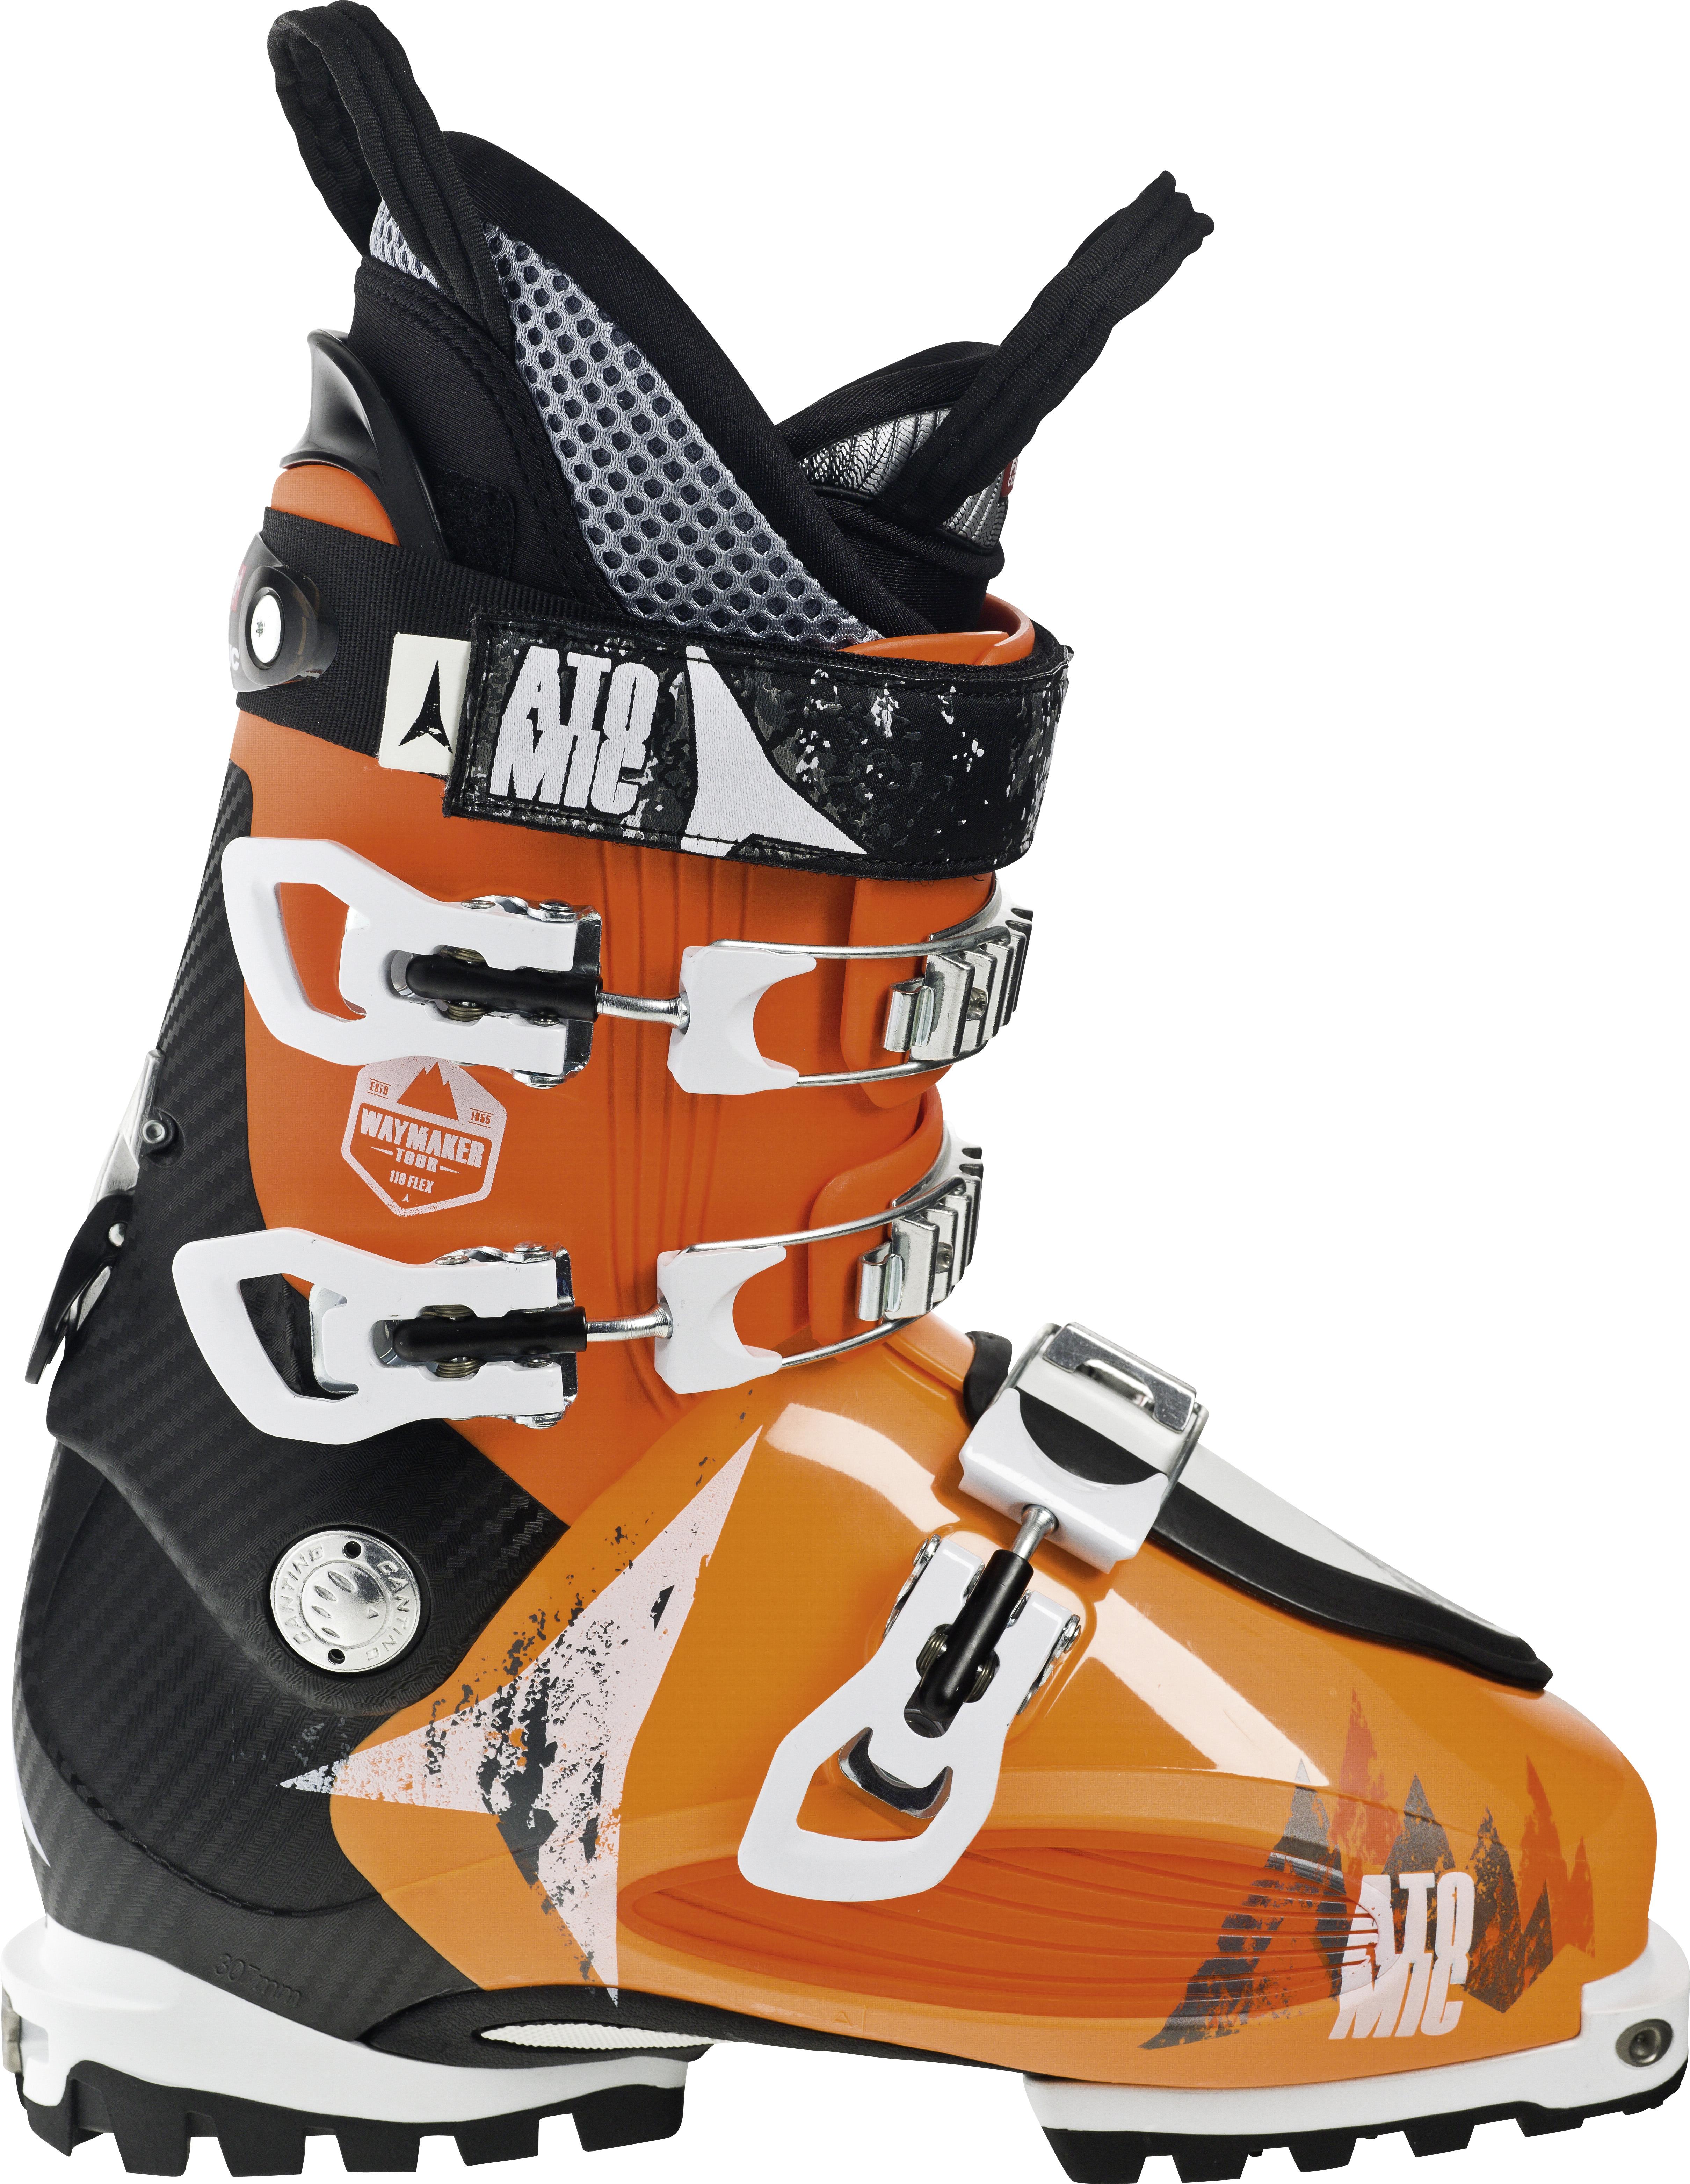 Les particularités d'une chaussure de ski de piste